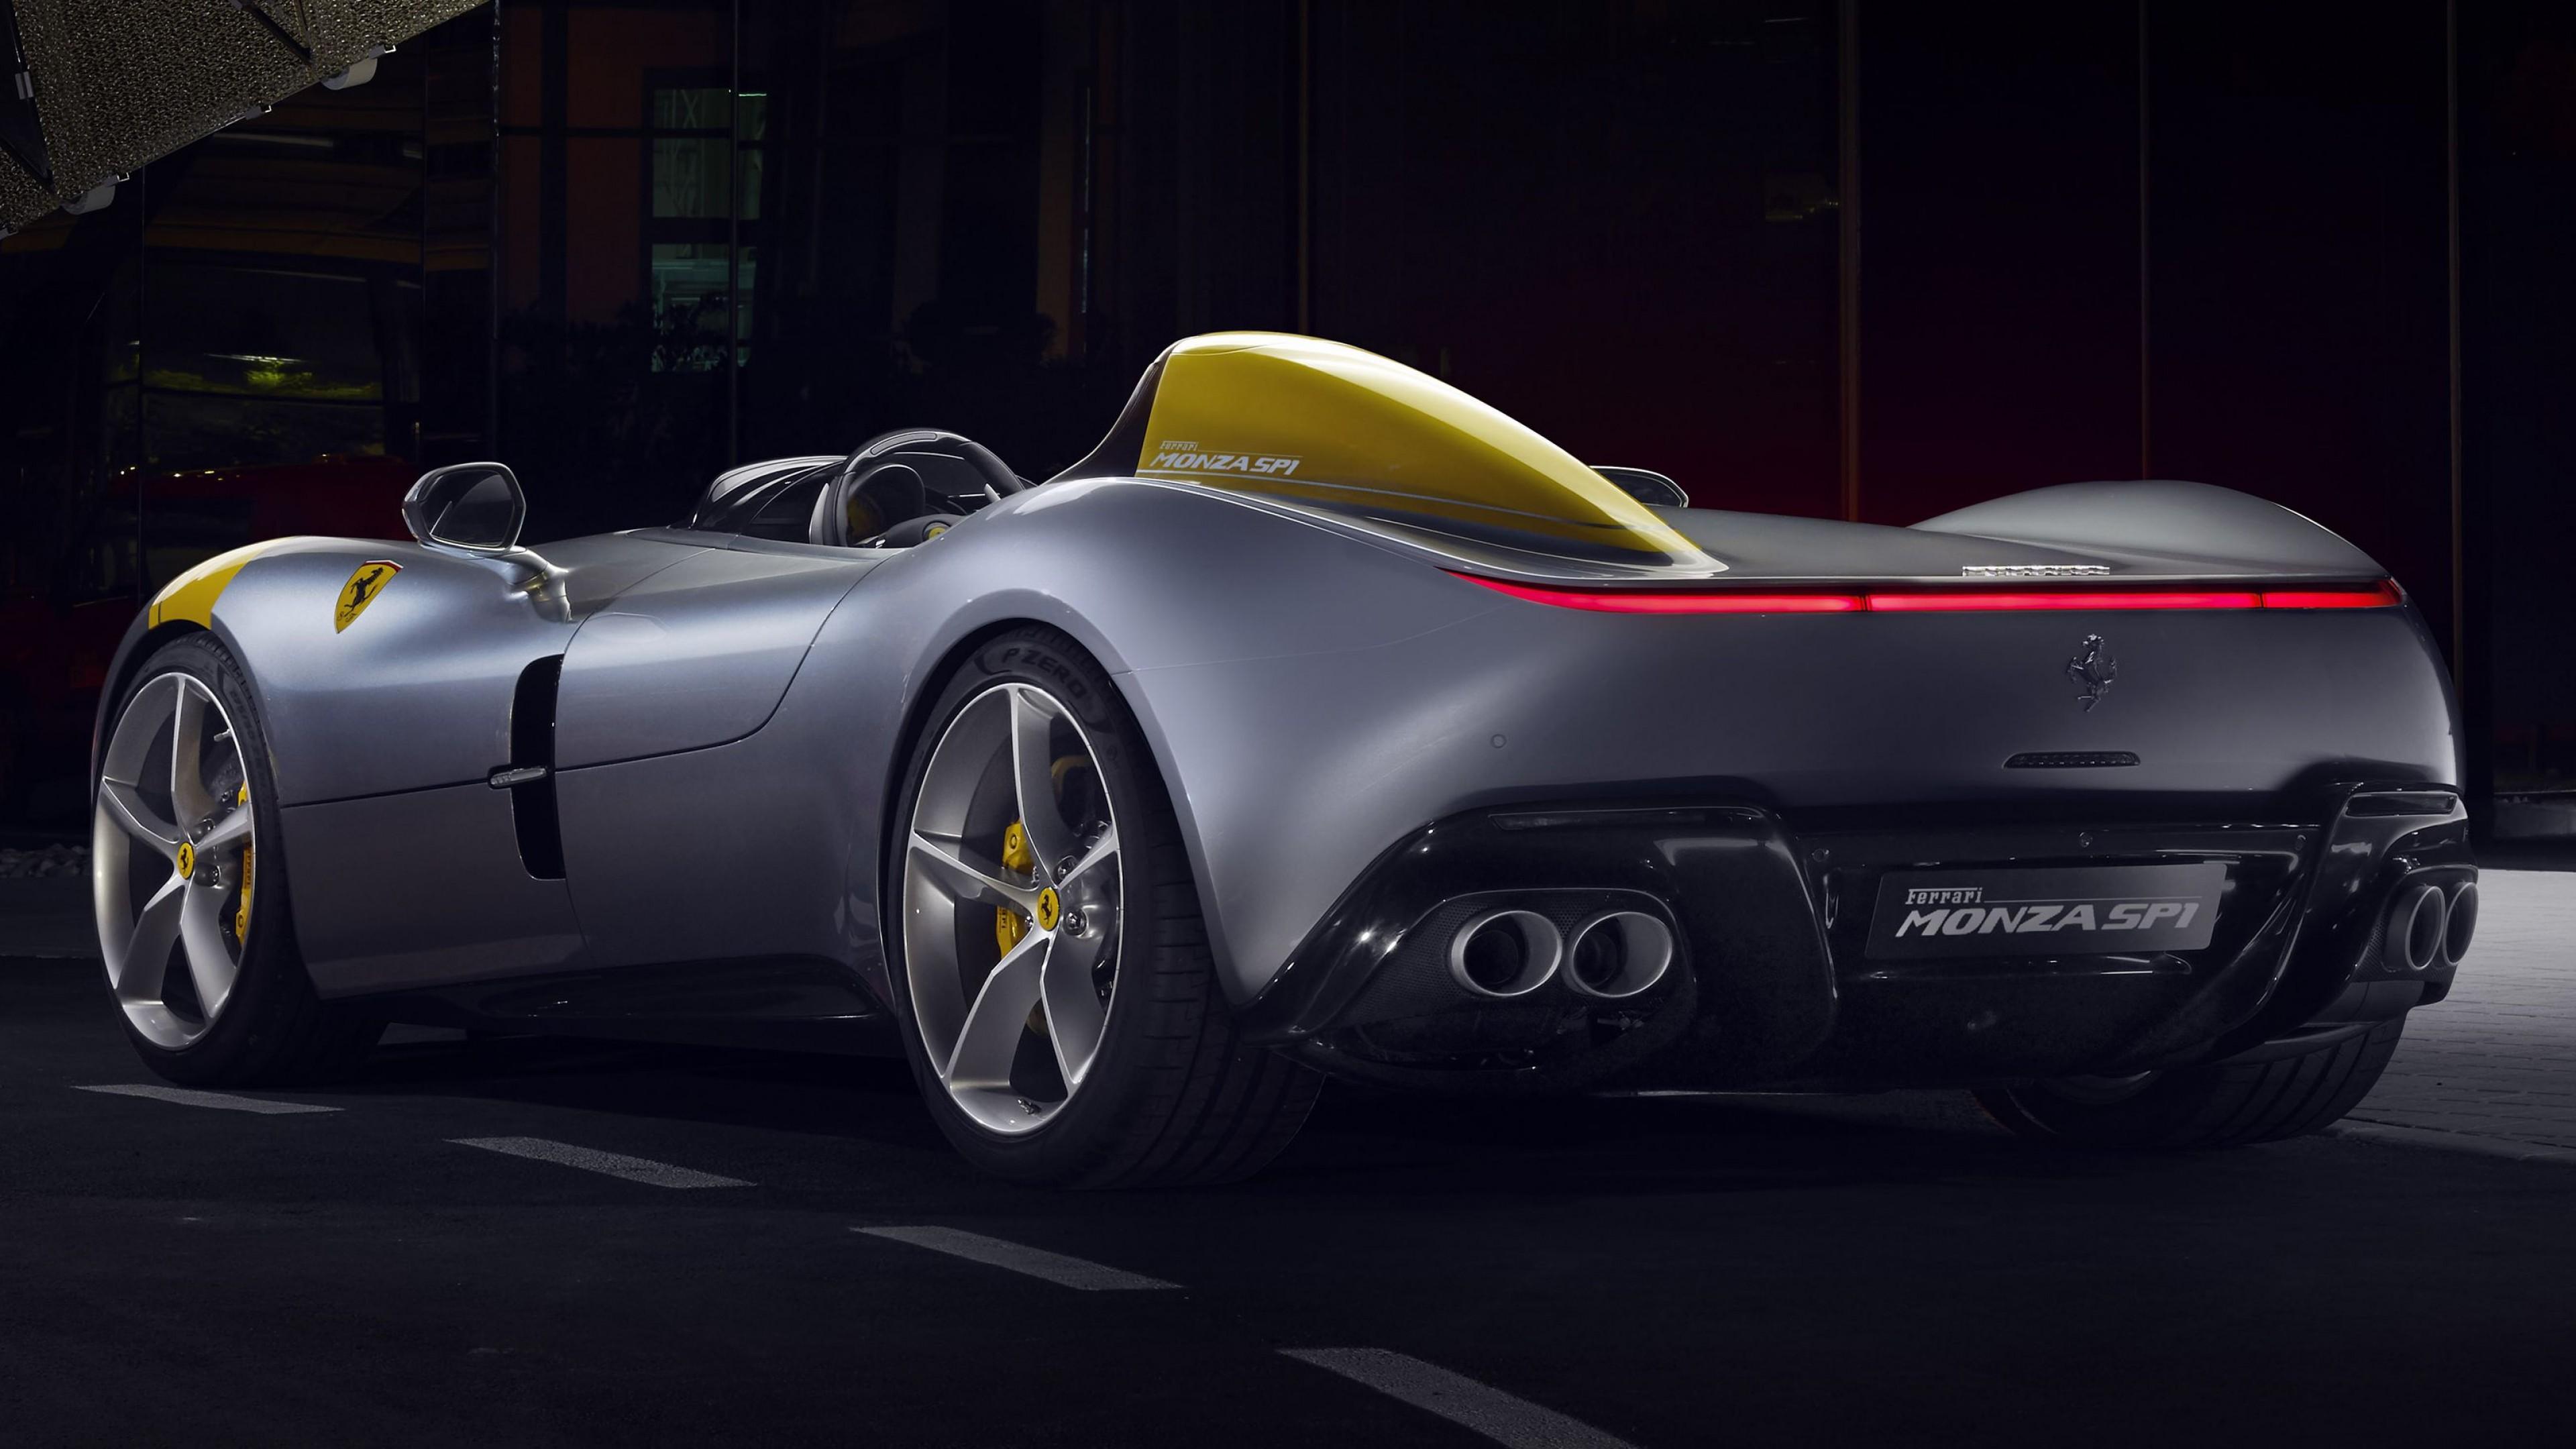 Wallpaper Ferrari Monza SP1, 2019 Cars, supercar, 4K, Cars ...